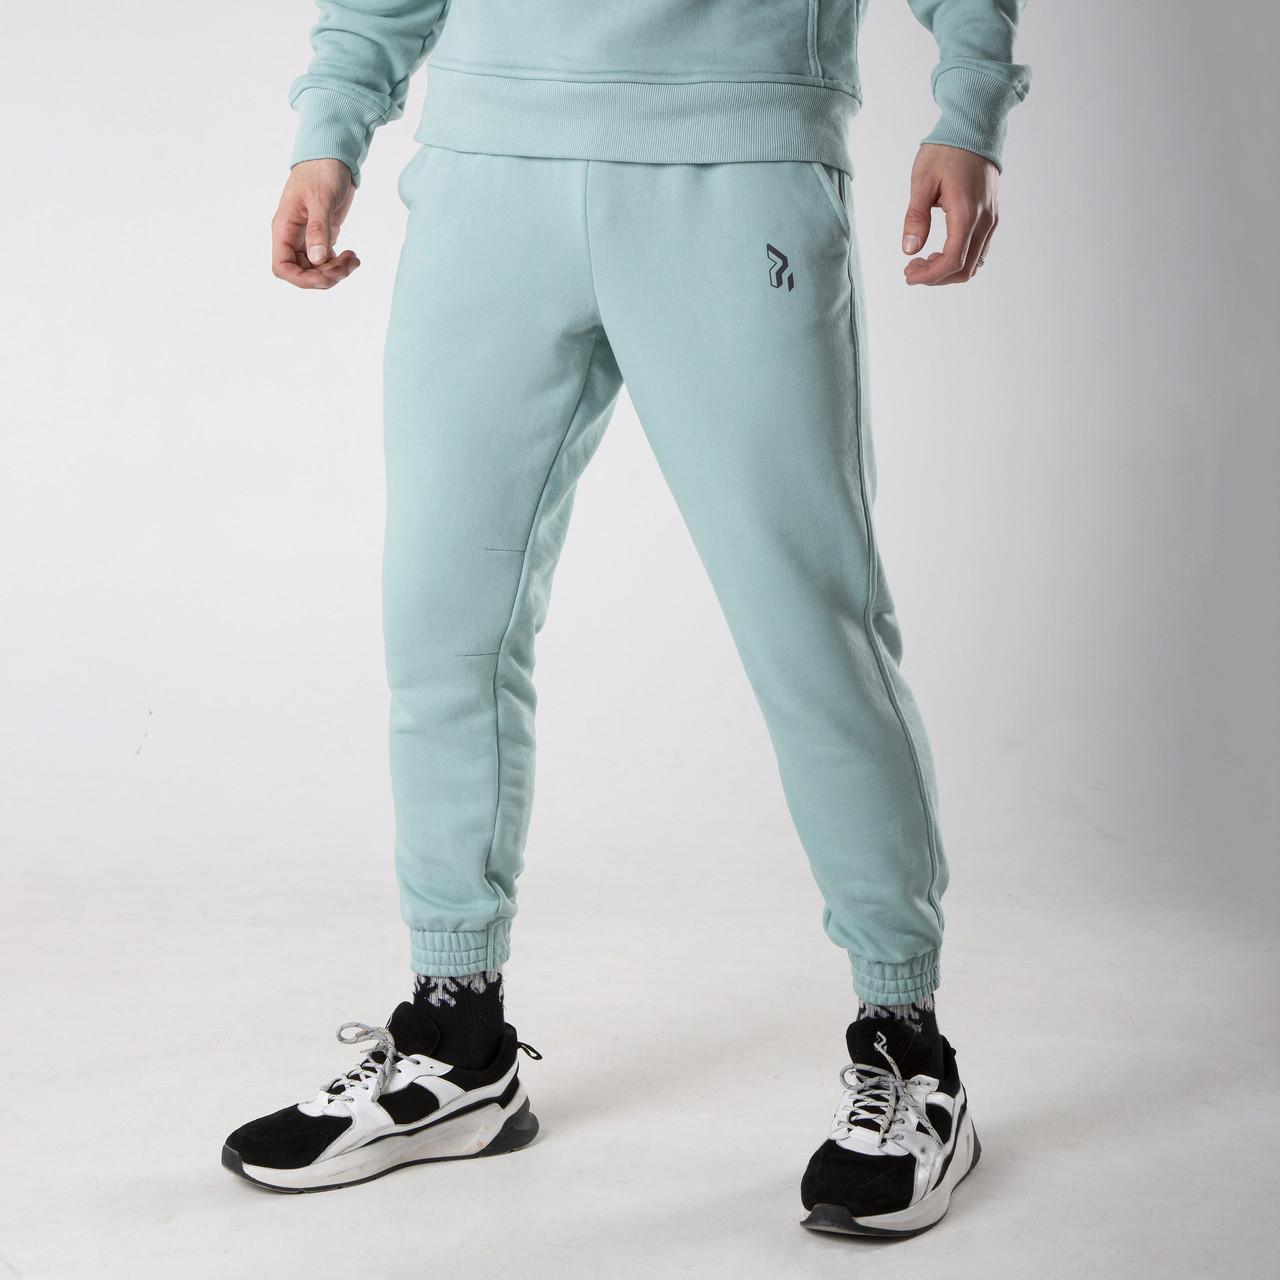 Спортивні штани Гармата Вогонь Jog 2.0 фісташка